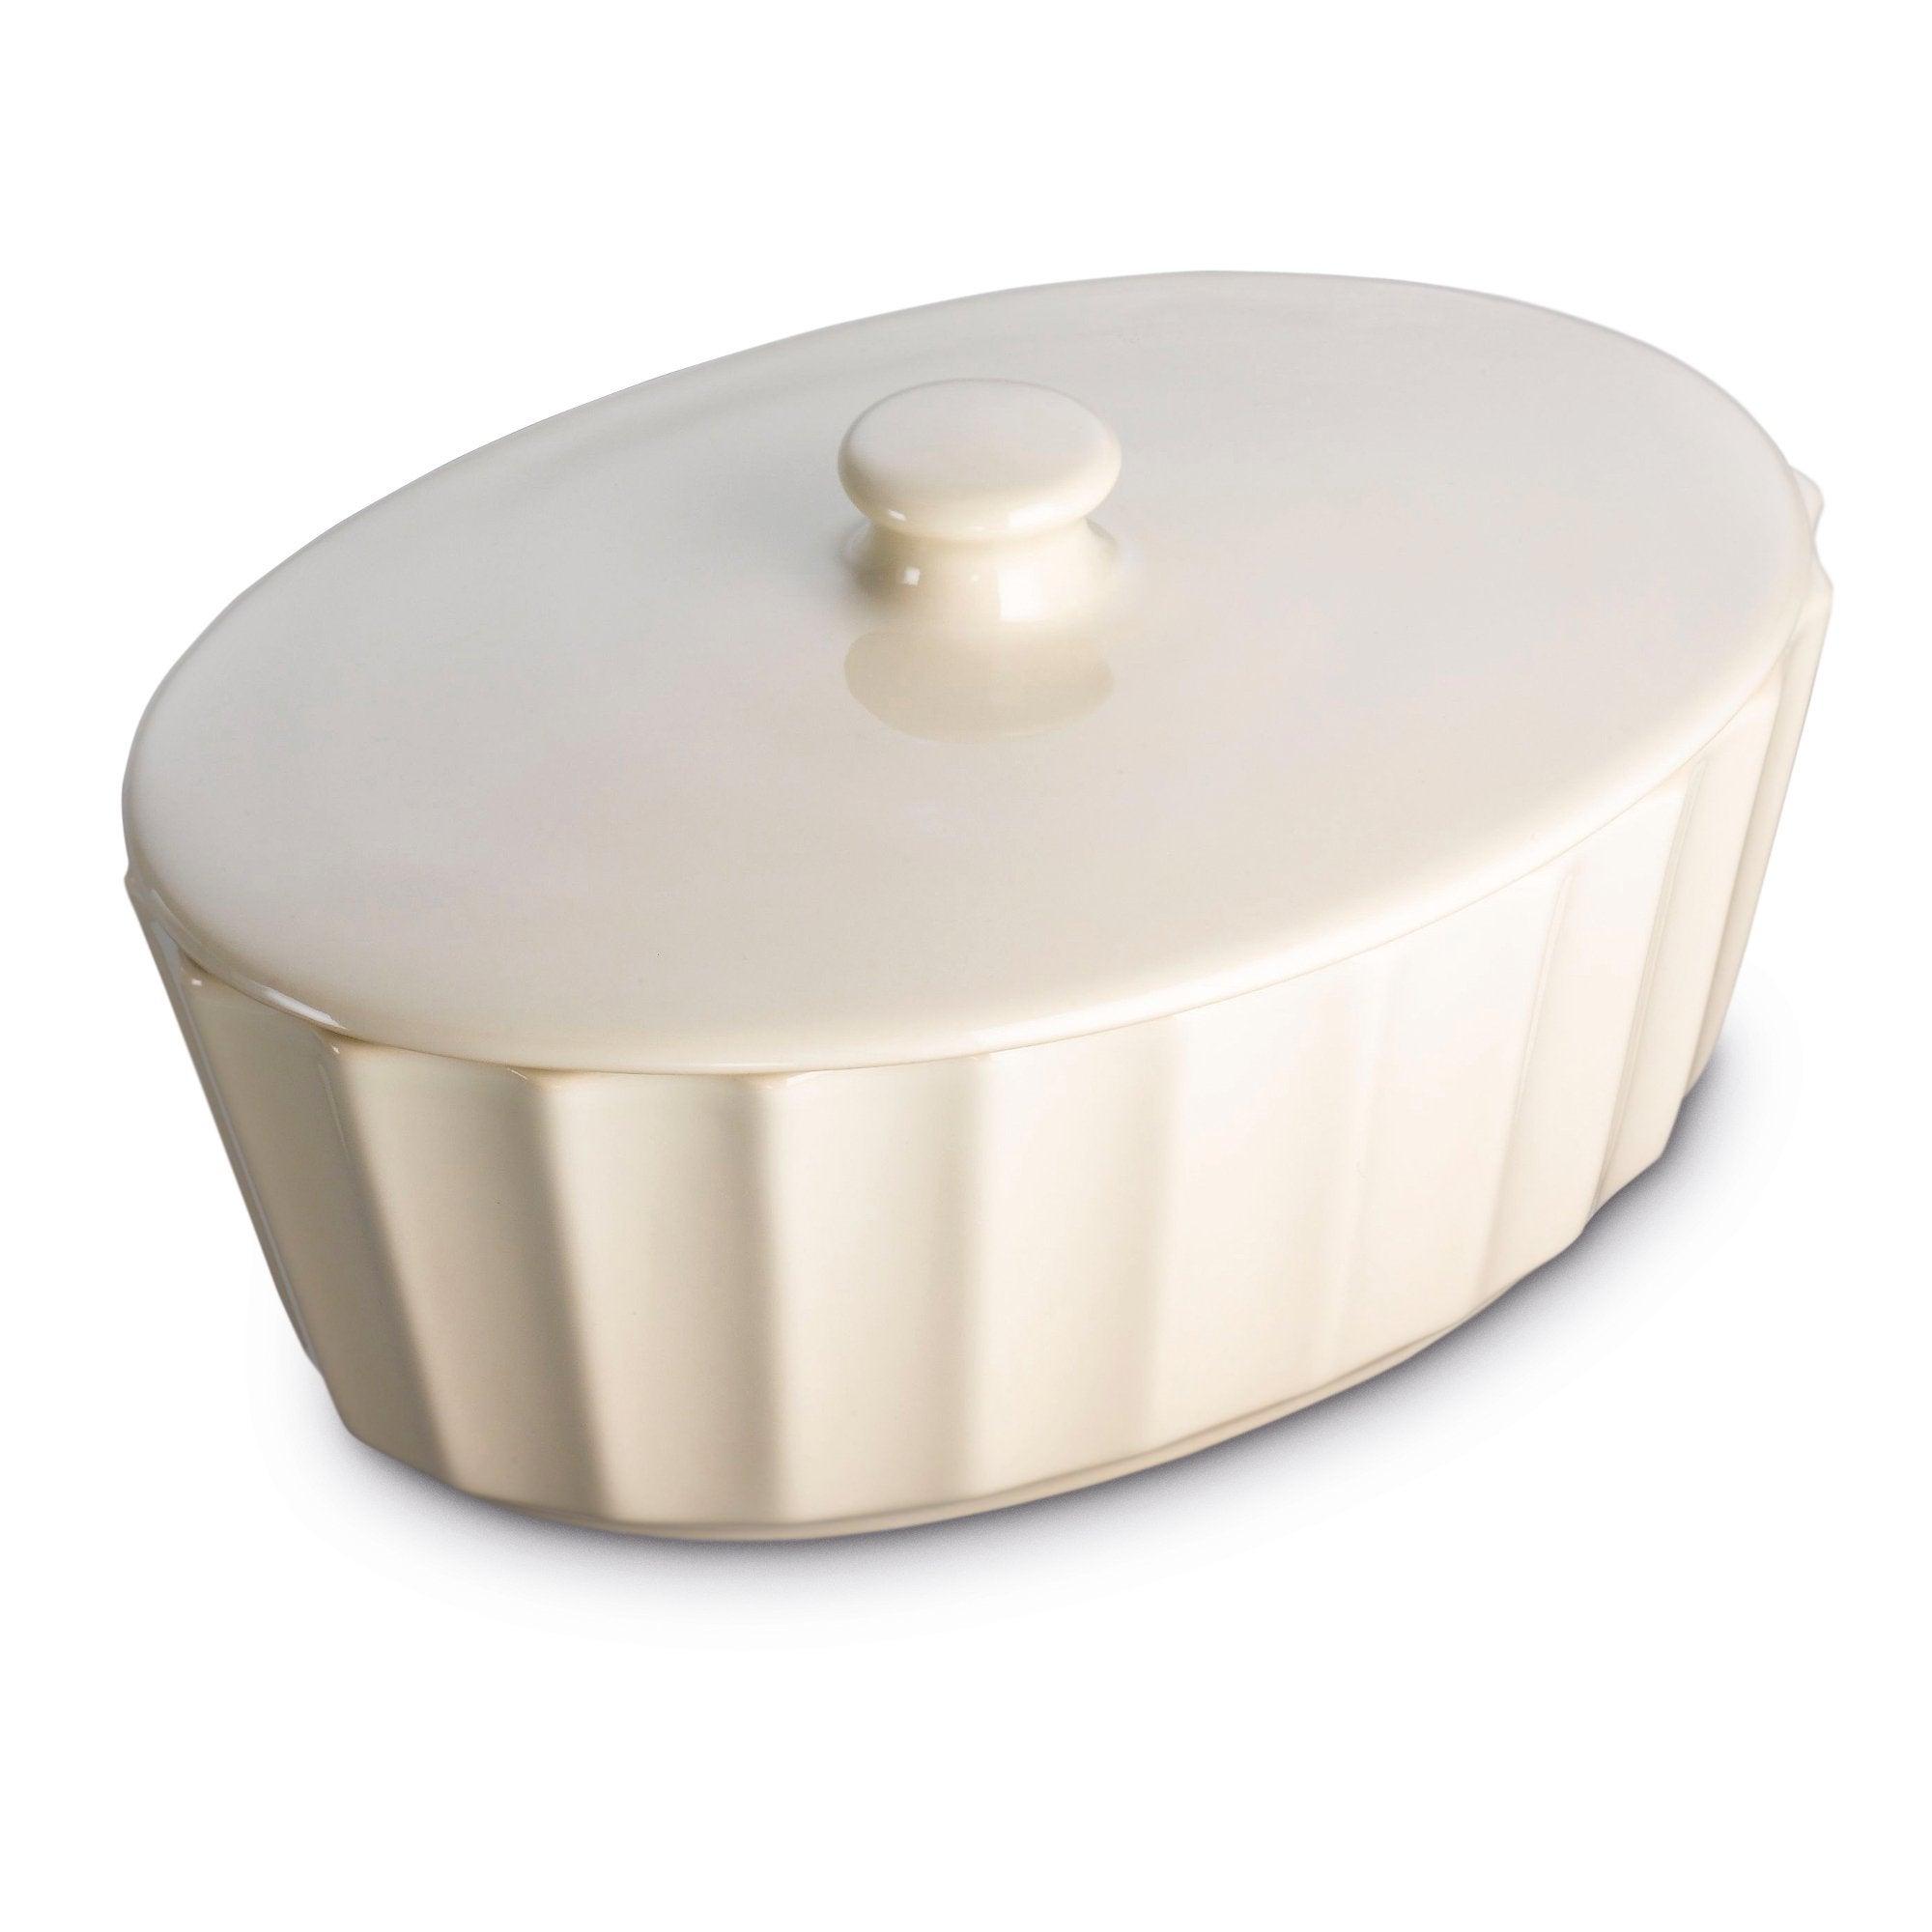 Prestige Create Almond Oval Casserole Dish